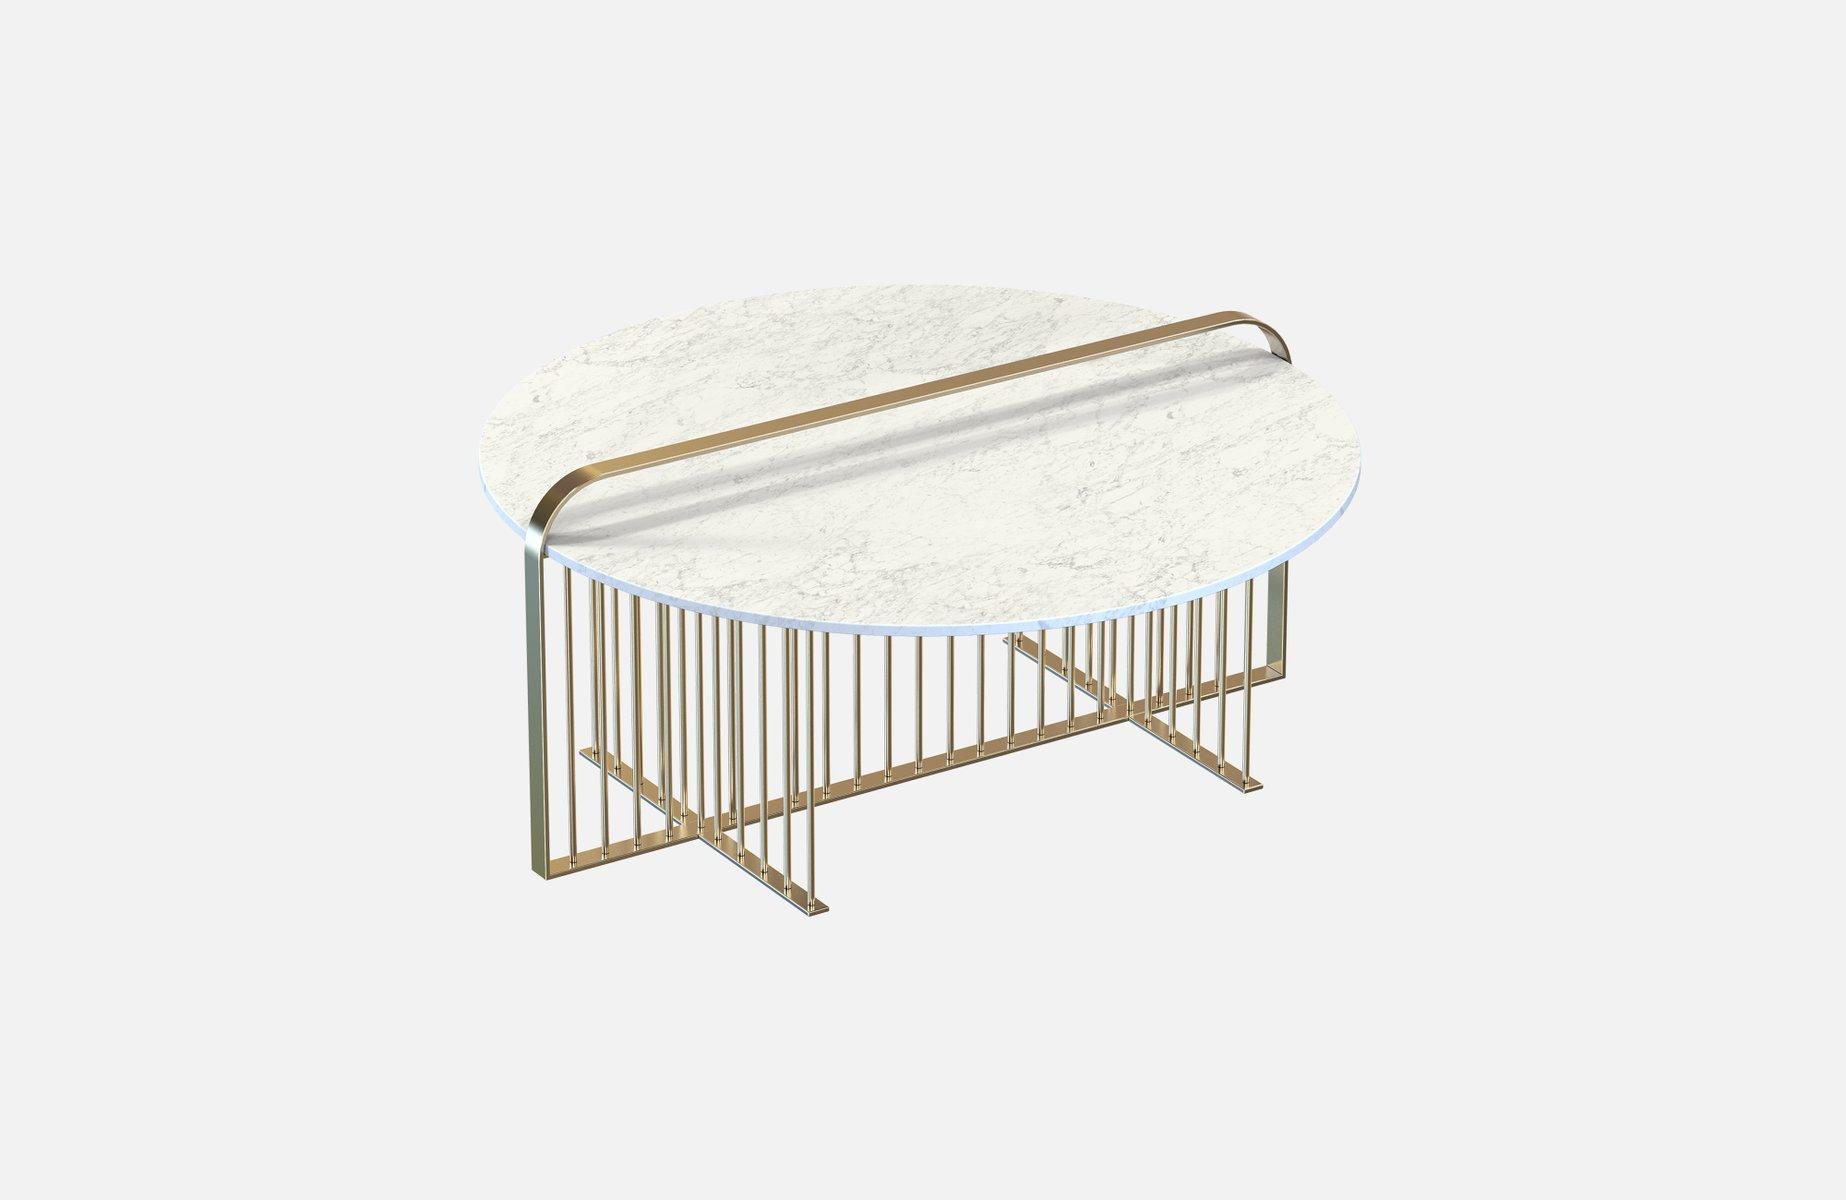 Vermessingter meister couchtisch mit wei er marmorplatte von alex baser f r miist bei pamono kaufen - Couchtisch mit marmorplatte ...